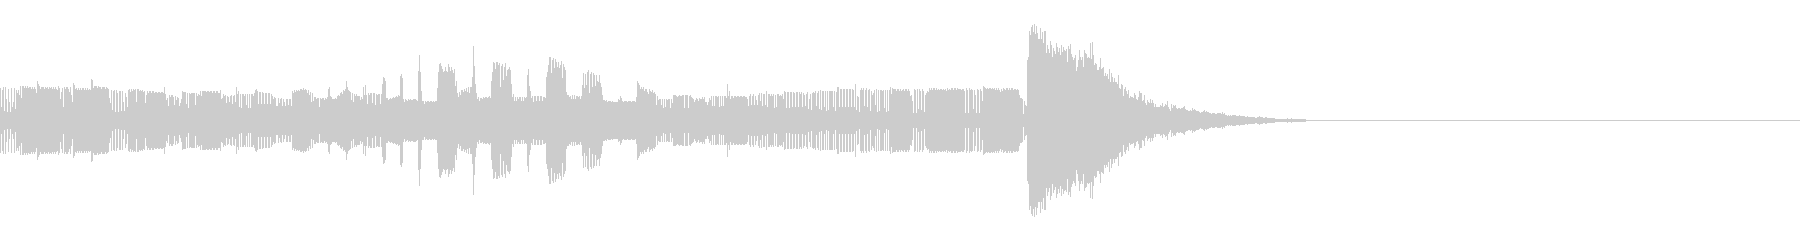 強力なファイナルコードで高速終了の未再生の波形